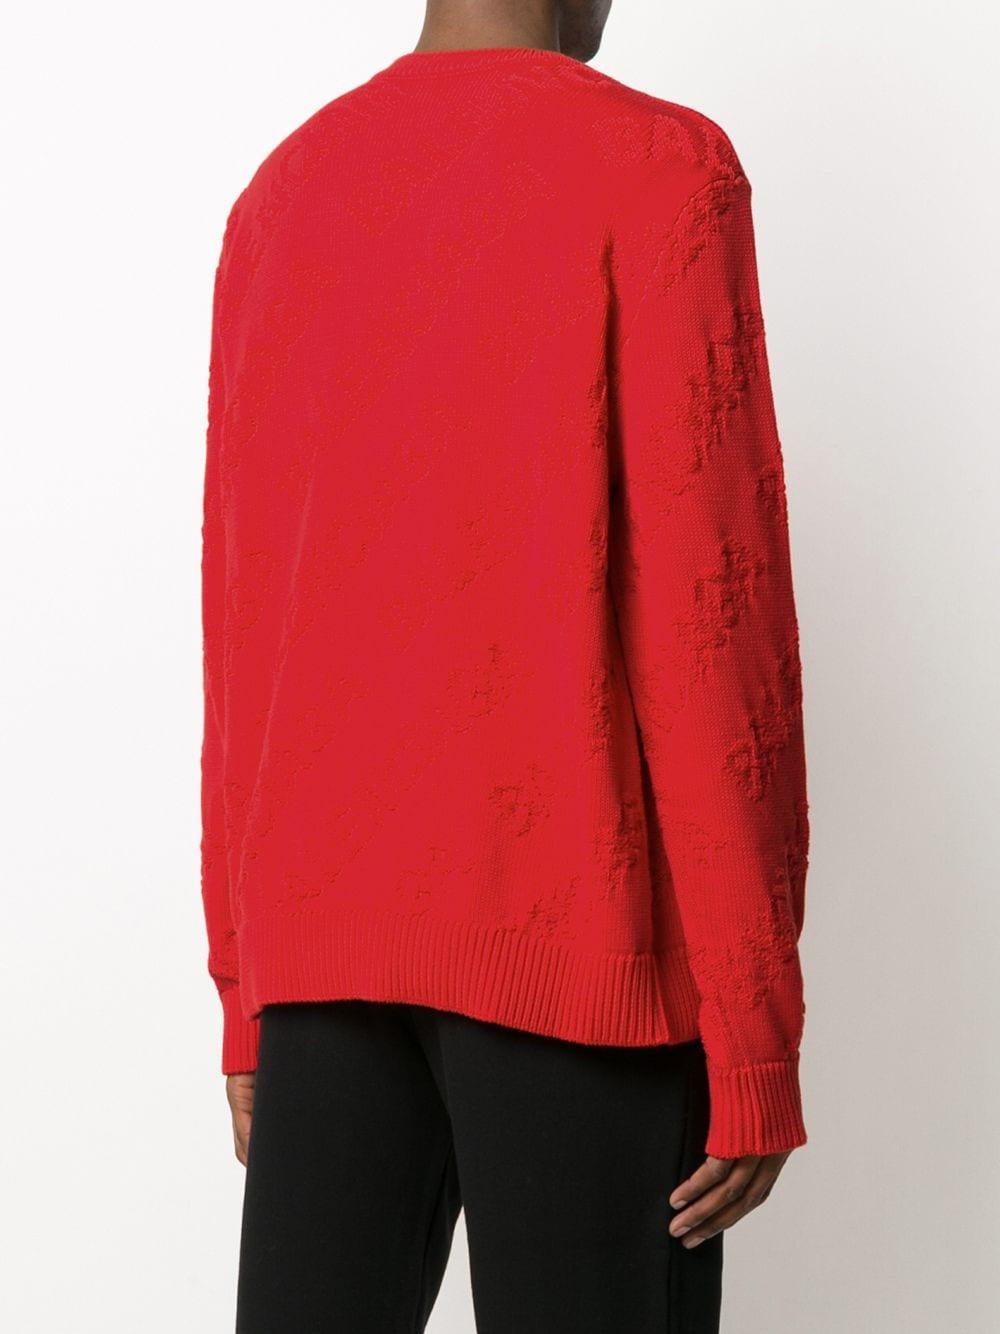 red Balenciaga logo embroidered jumper BALENCIAGA |  | 599870-T31666400